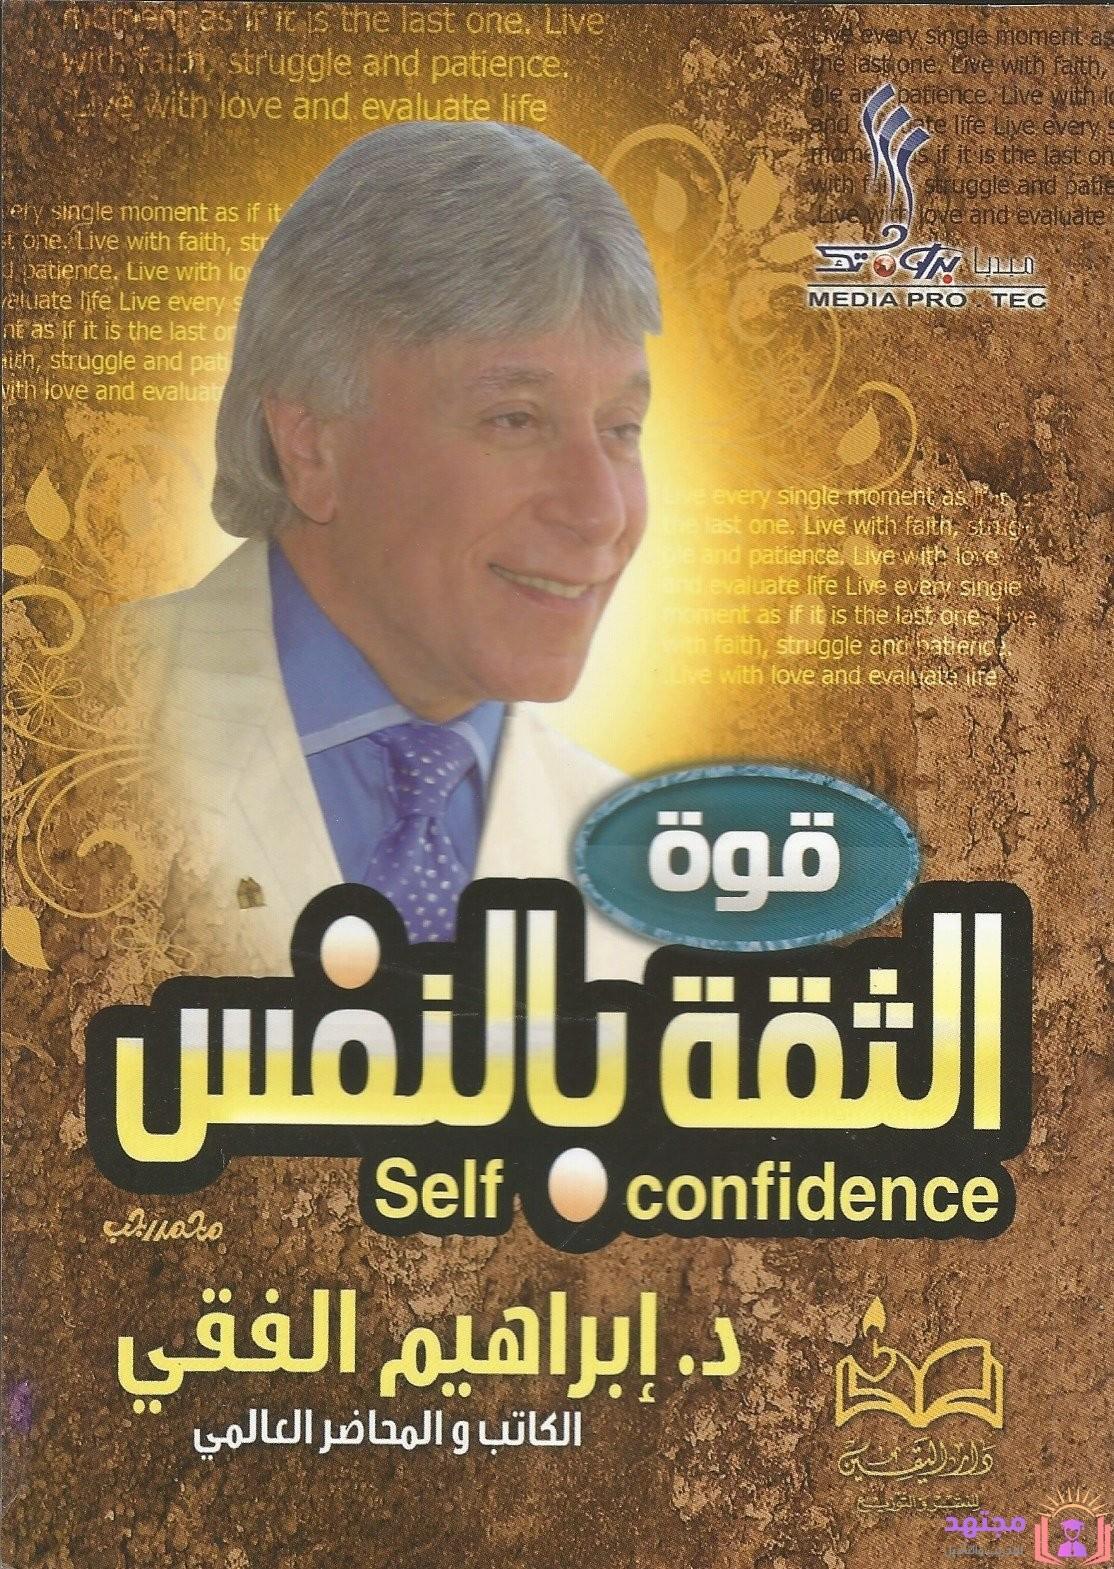 كتاب قوة الثقة بالنفس ابراهيم الفقي pdf قوة الثقة بالنفس تحميل كتاب قوة الثقة بالنفس ابراهيم الفقي pdf